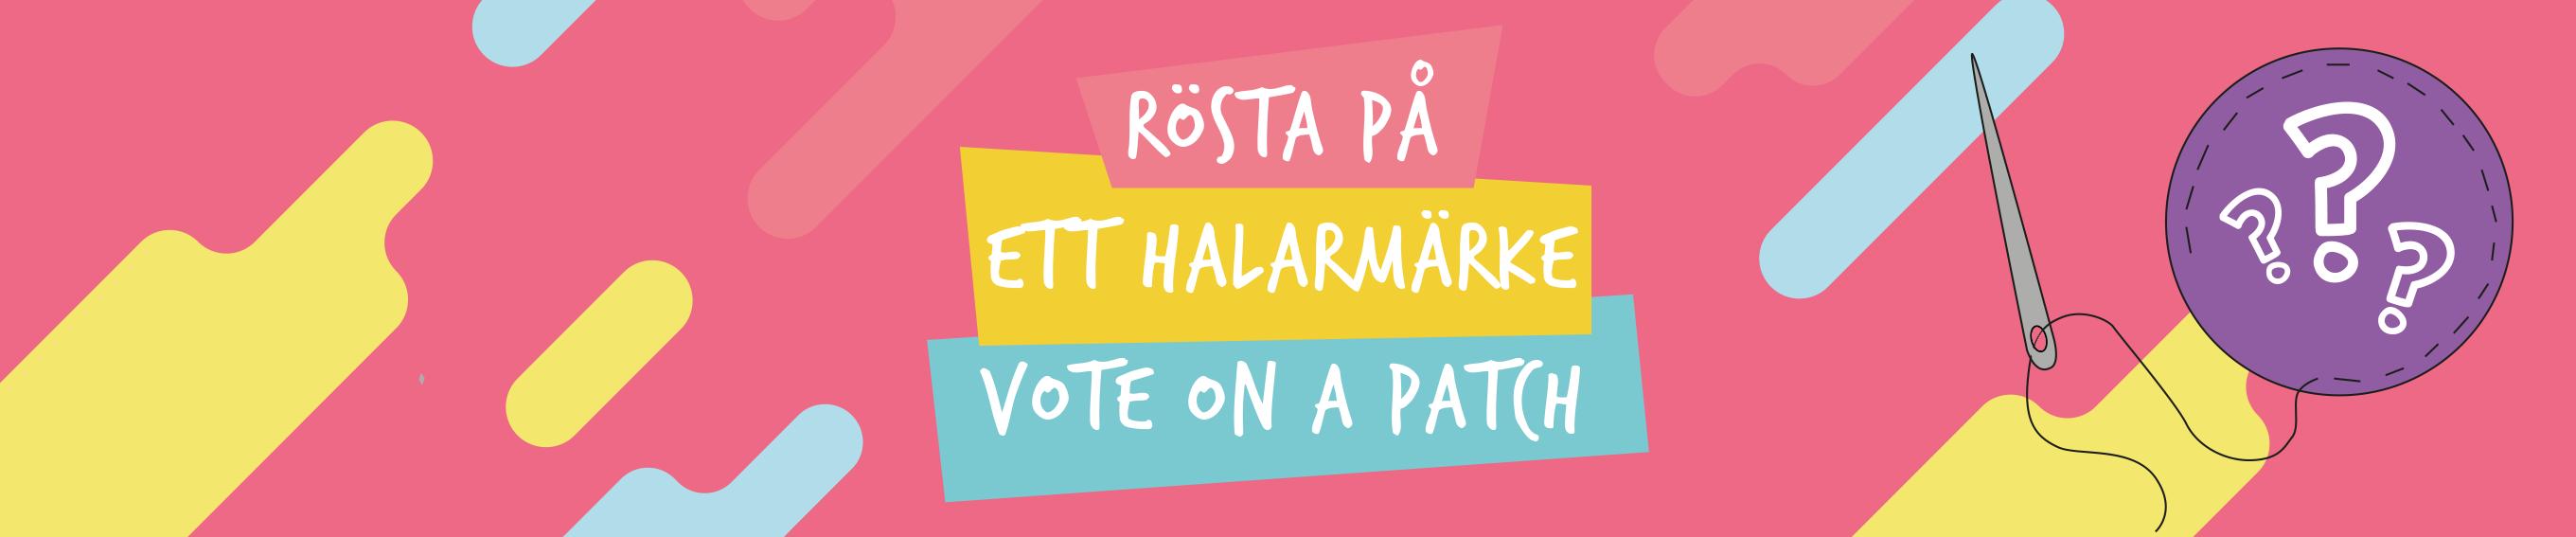 vote - asken